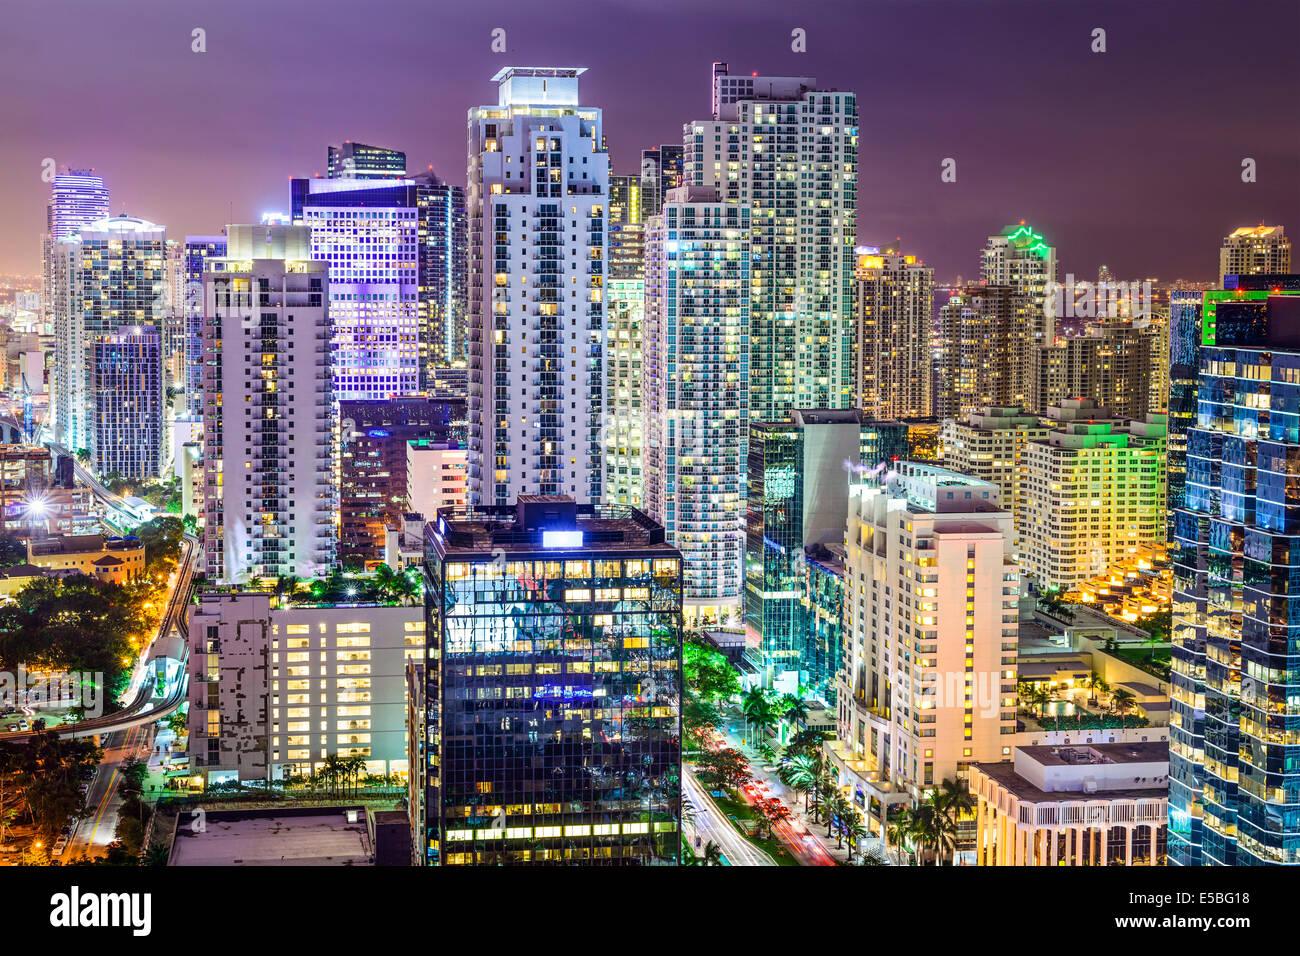 Die Innenstadt von Miami, Florida, USA Stadtbild. Stockbild